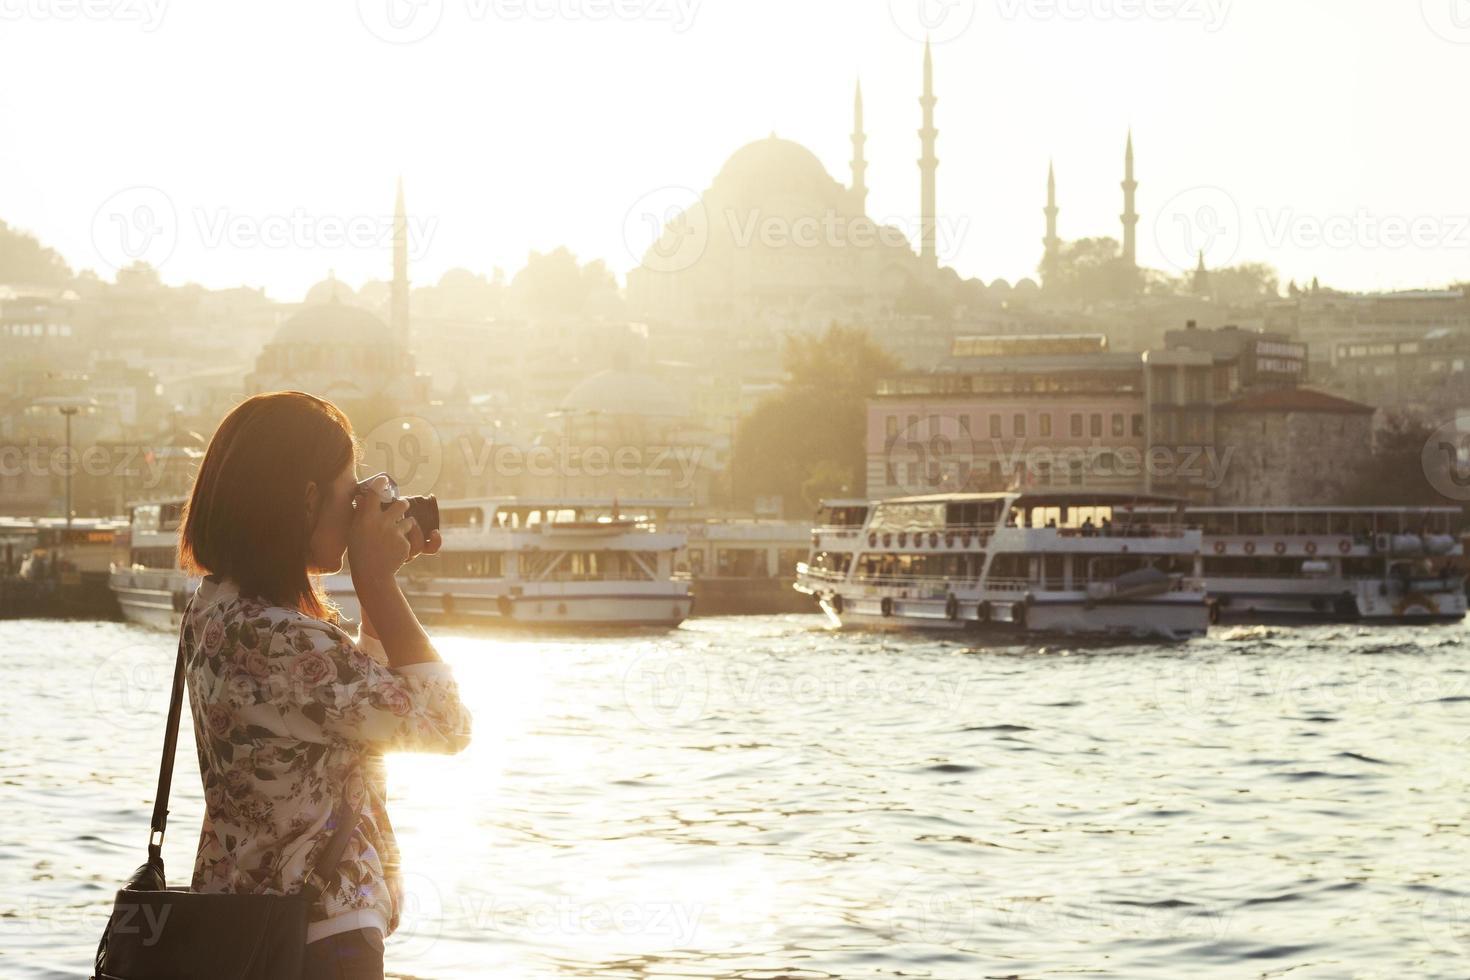 Linda mujer tomando fotos en Estambul, Turquía